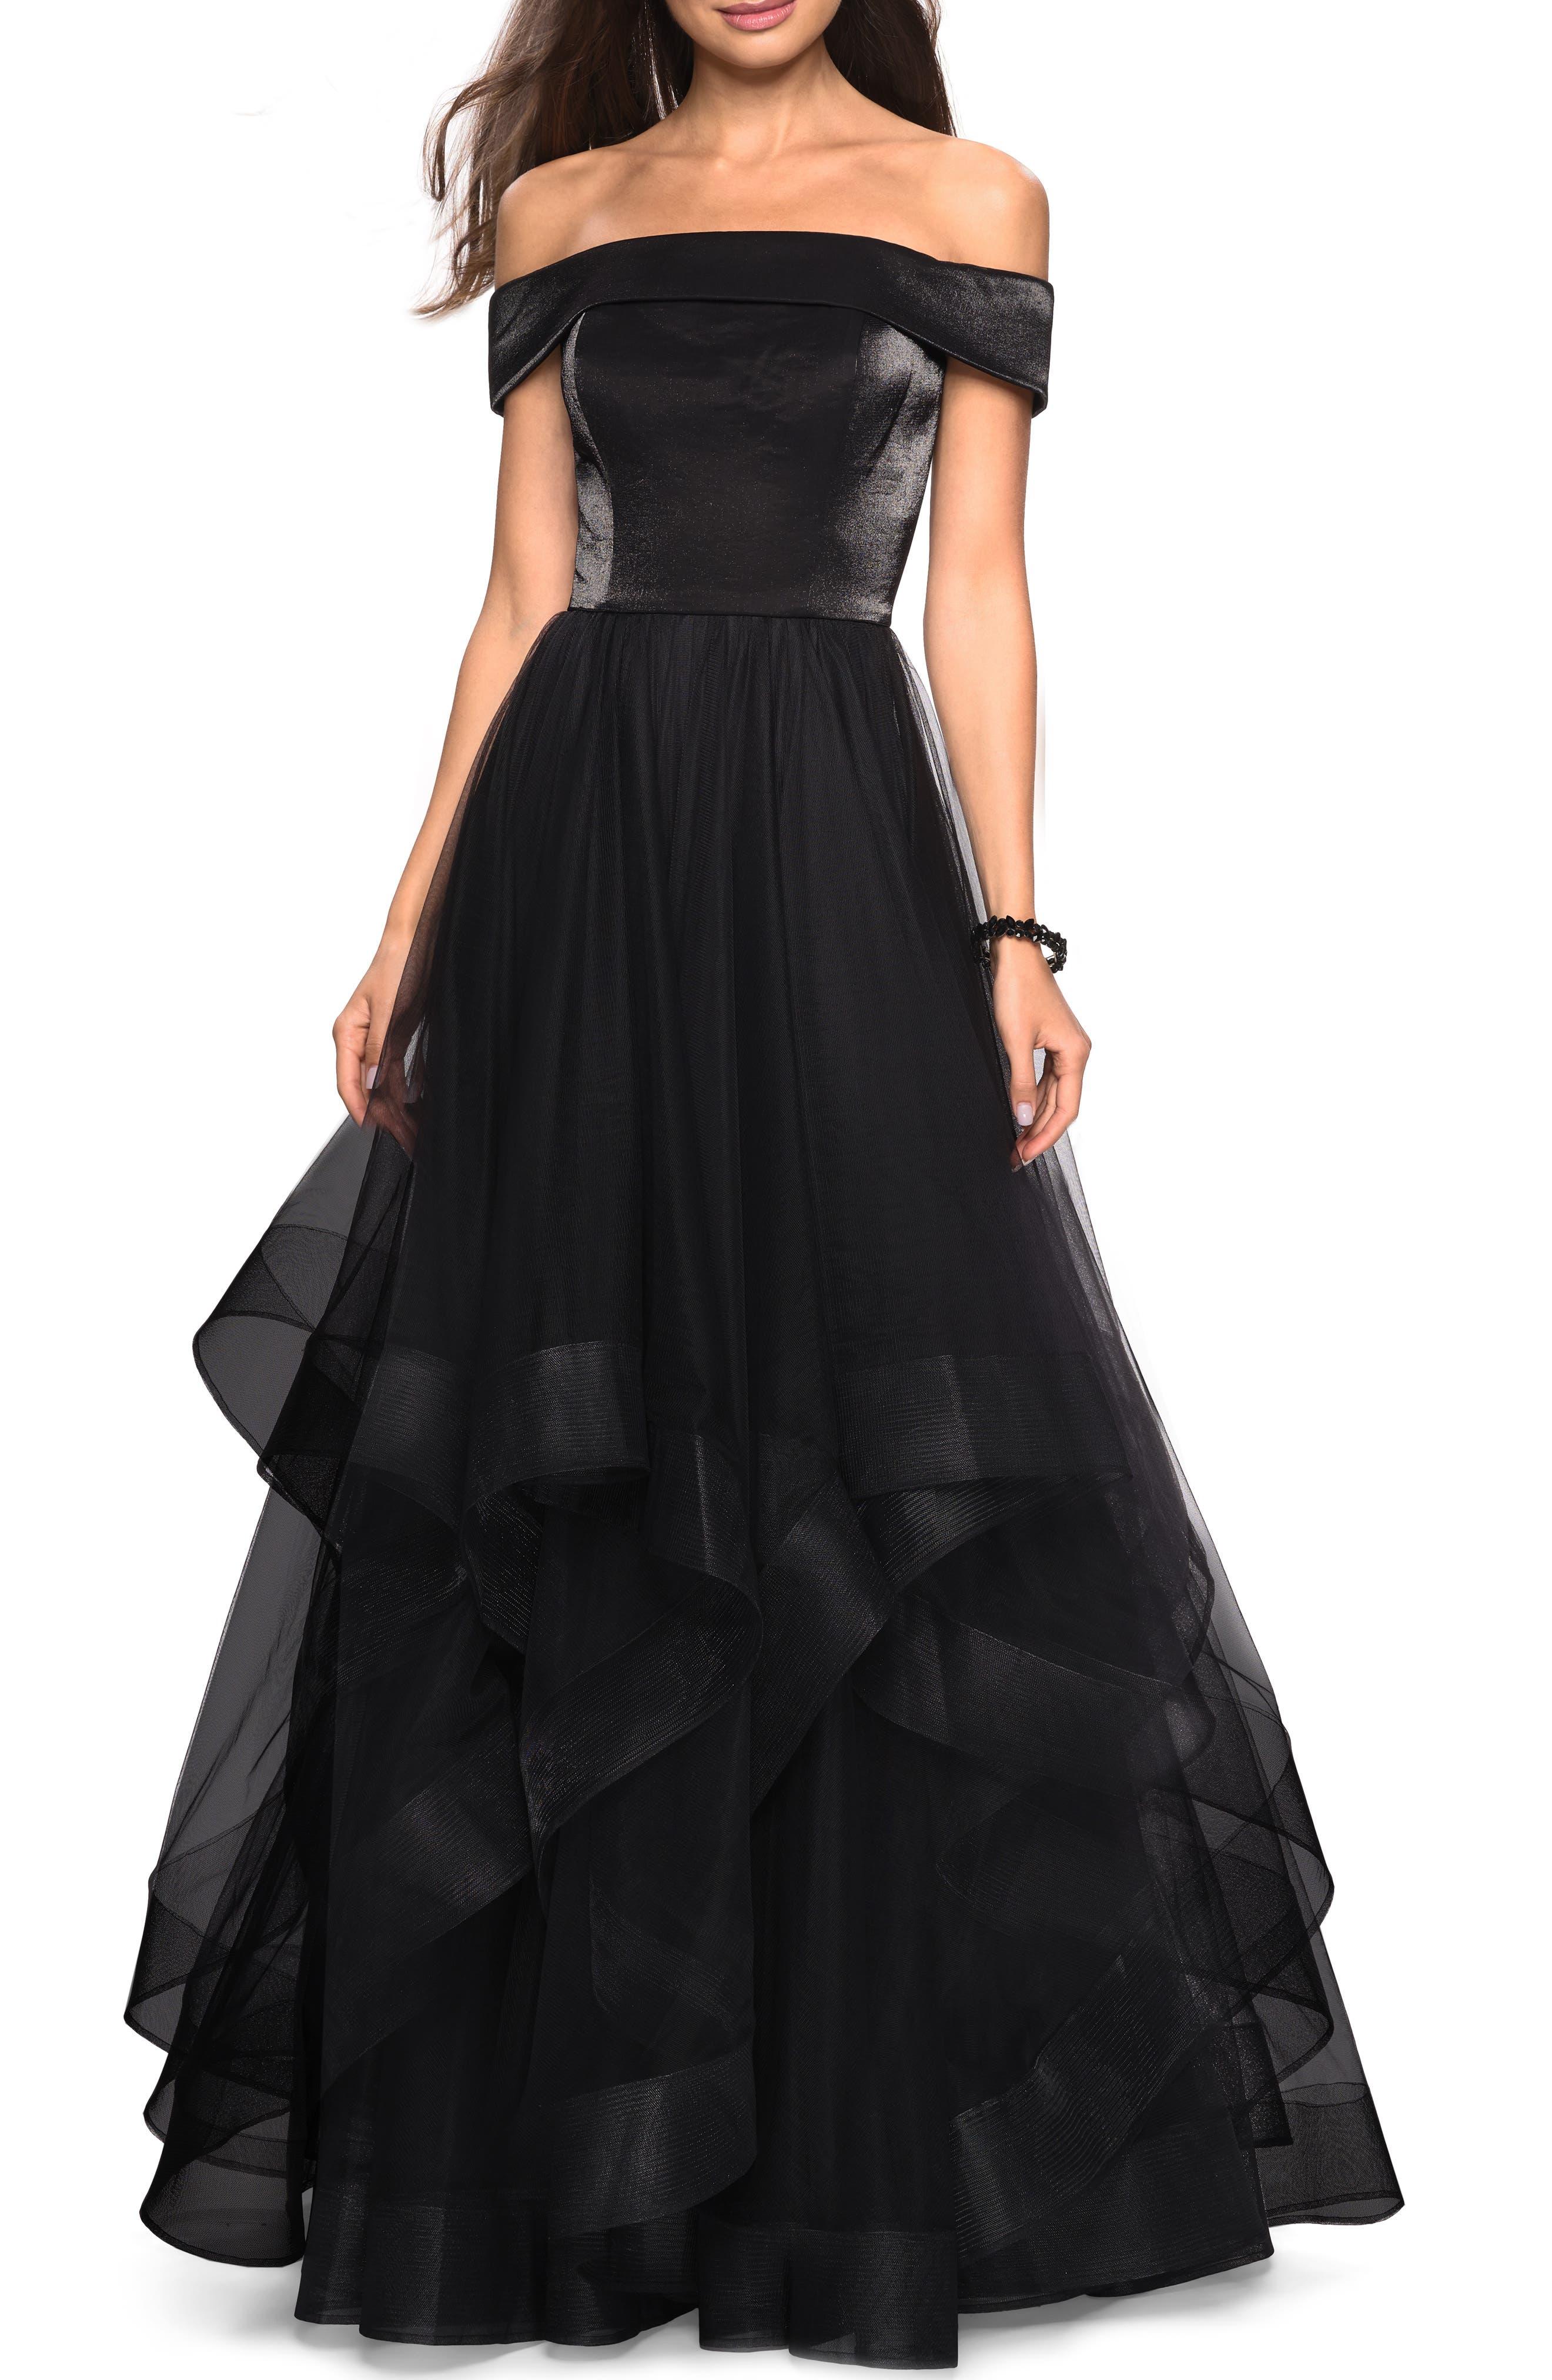 La Femme Off The Shoulder Evening Dress, Black